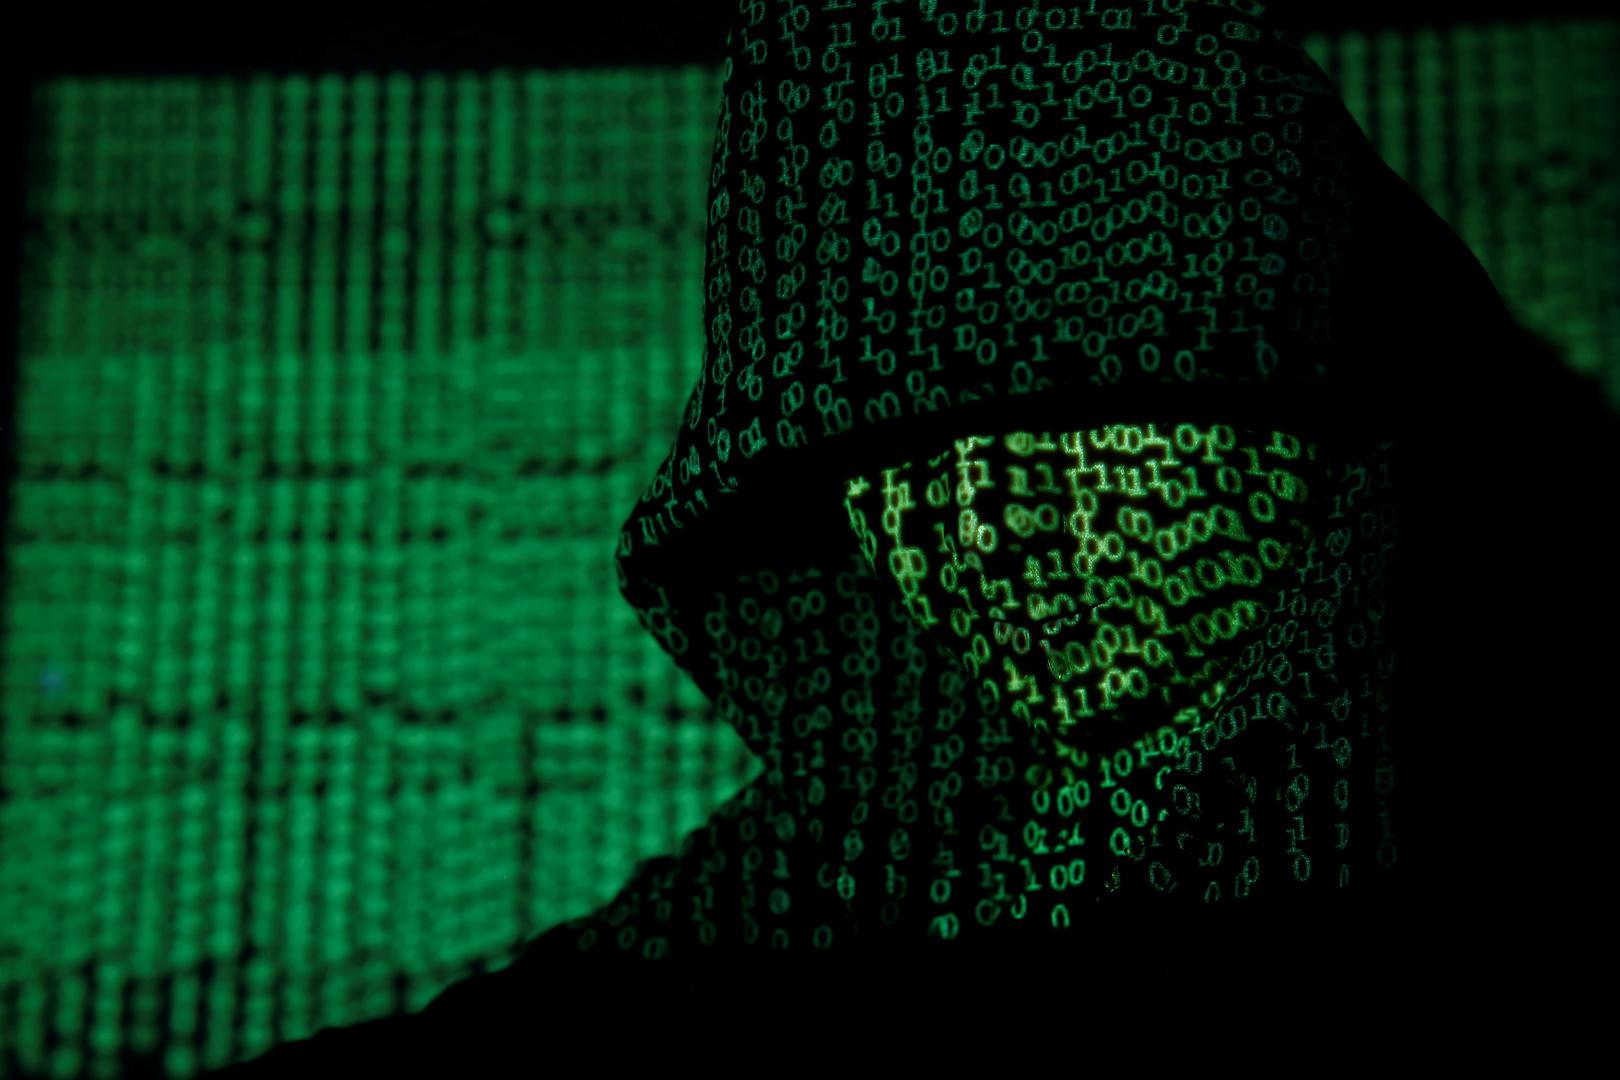 وكالة الأمن السيبراني الأمريكية: حملة التجسس الإلكترونية تؤثر أيضا على عمل الحكومات المحلية